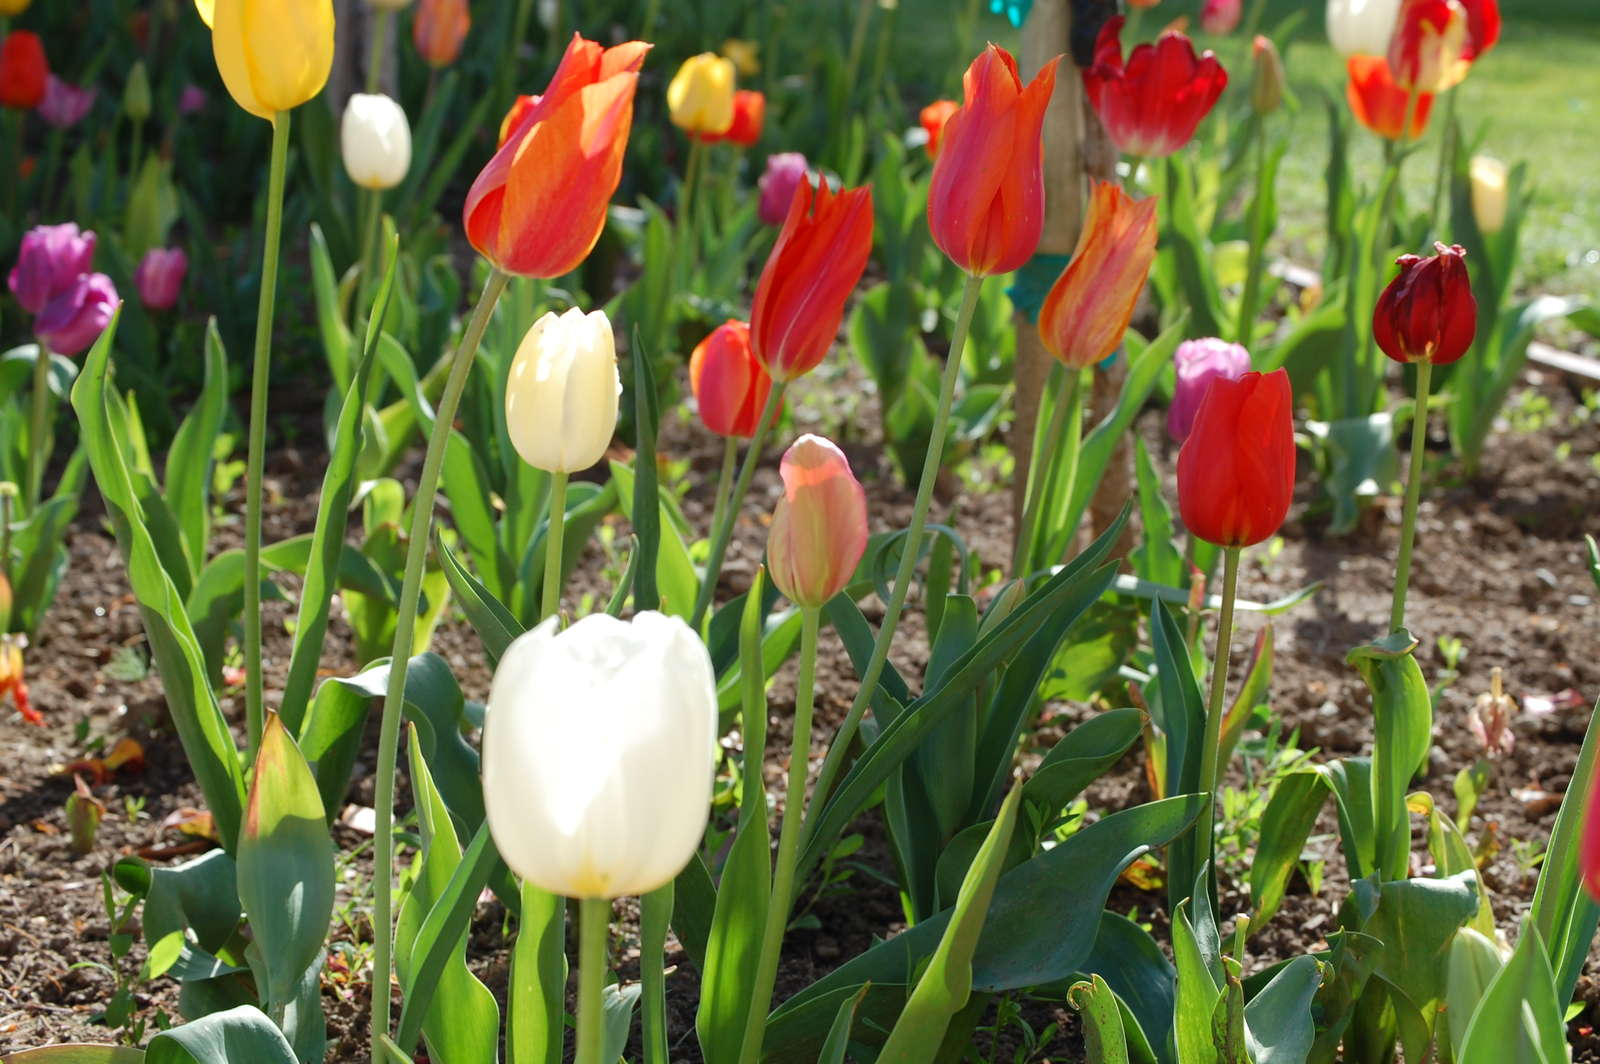 tulpen pflanzen tulpenzwiebeln im eigenen garten anbauen plantura. Black Bedroom Furniture Sets. Home Design Ideas